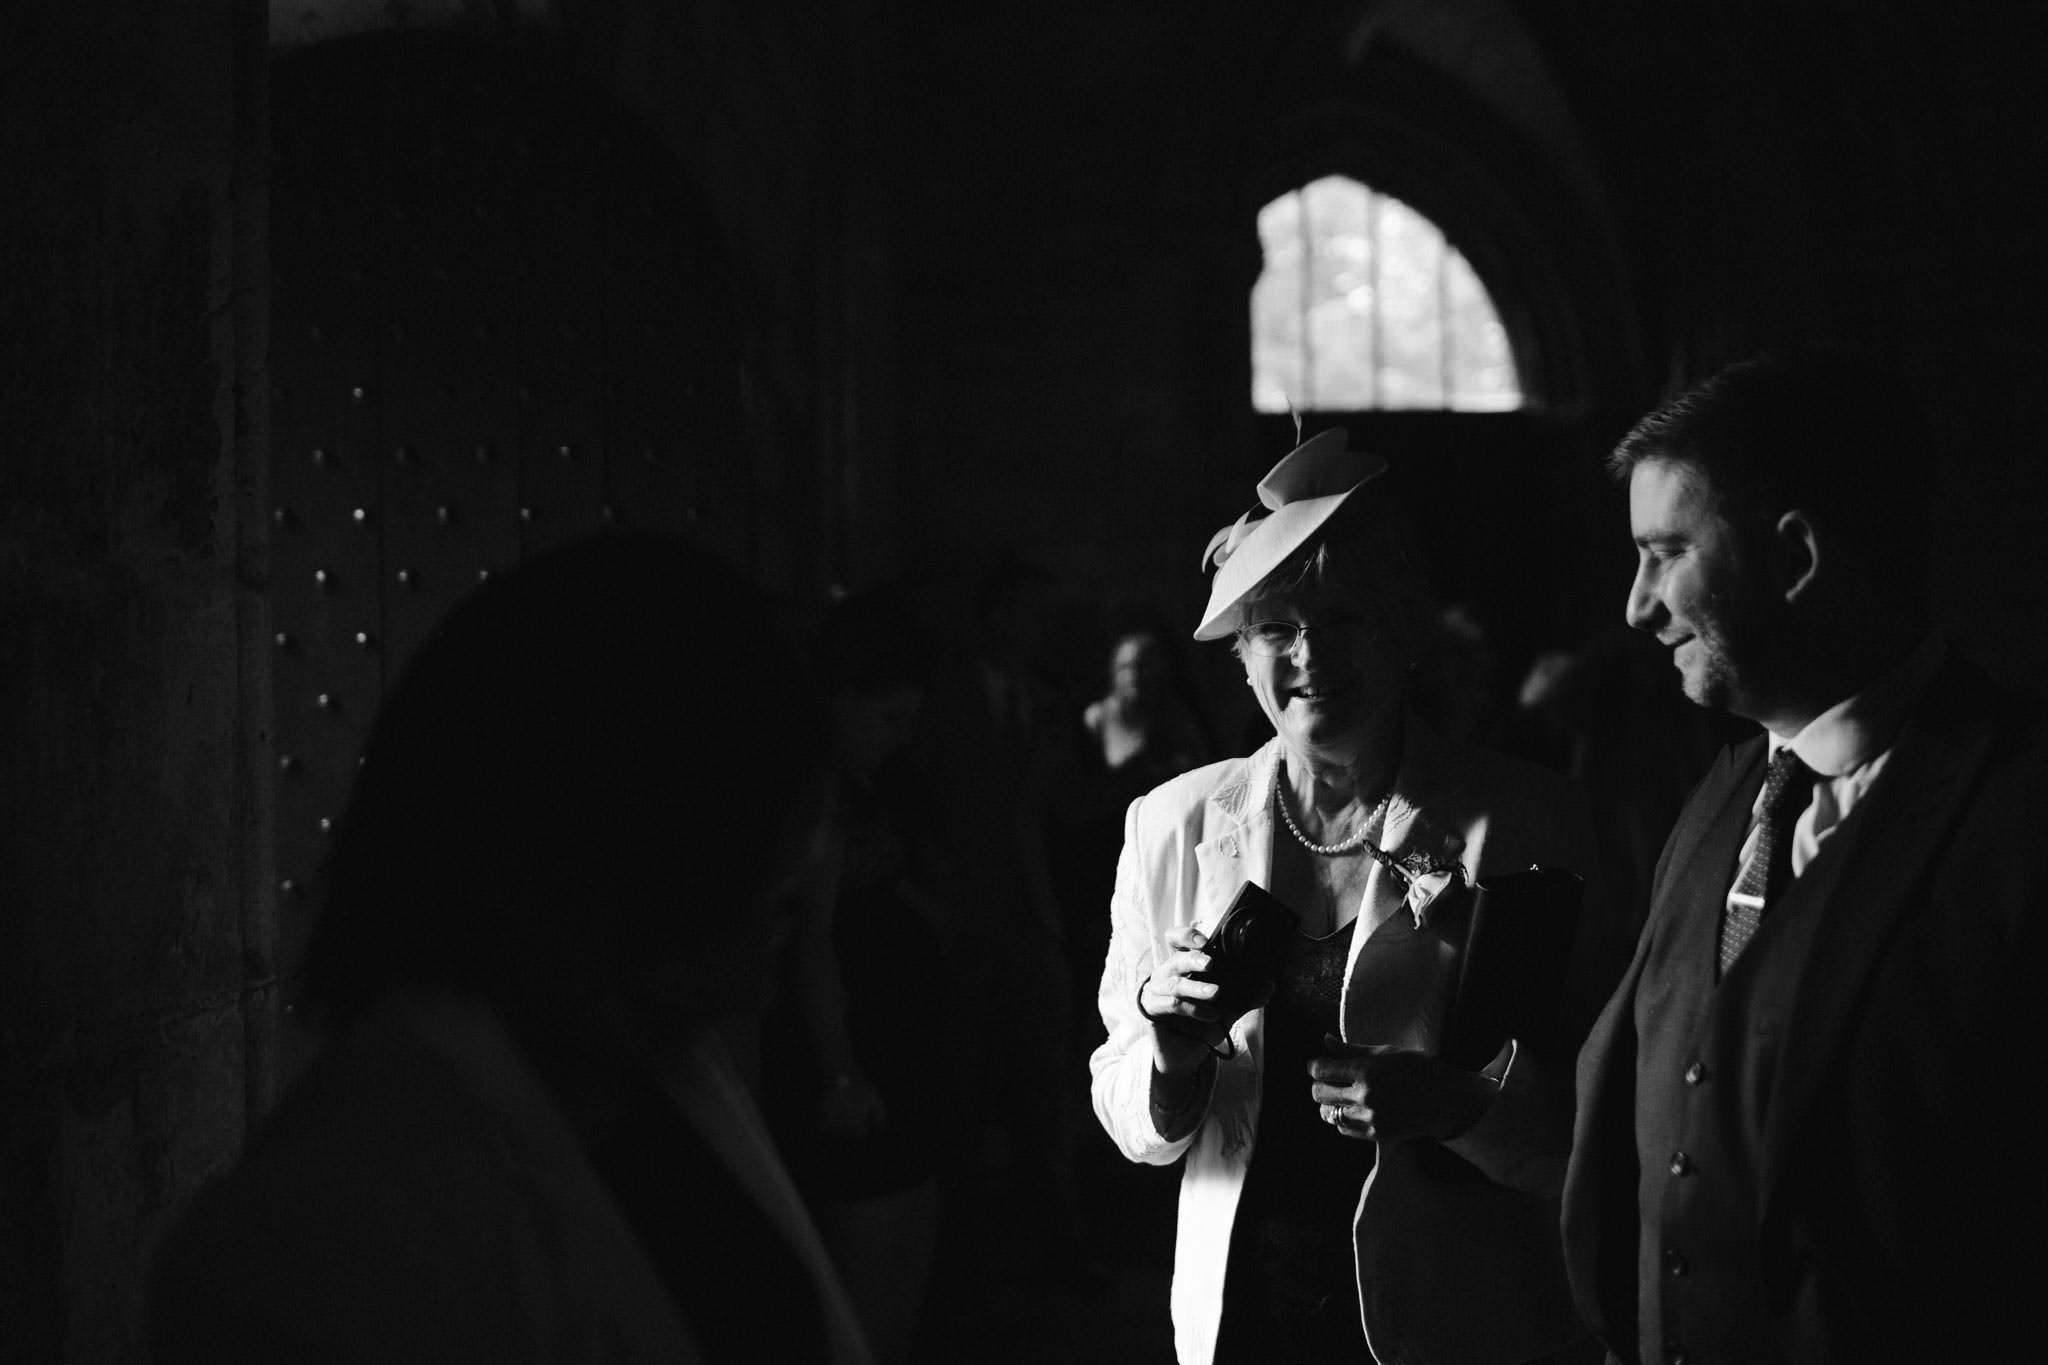 scottish-wedding-photography-037